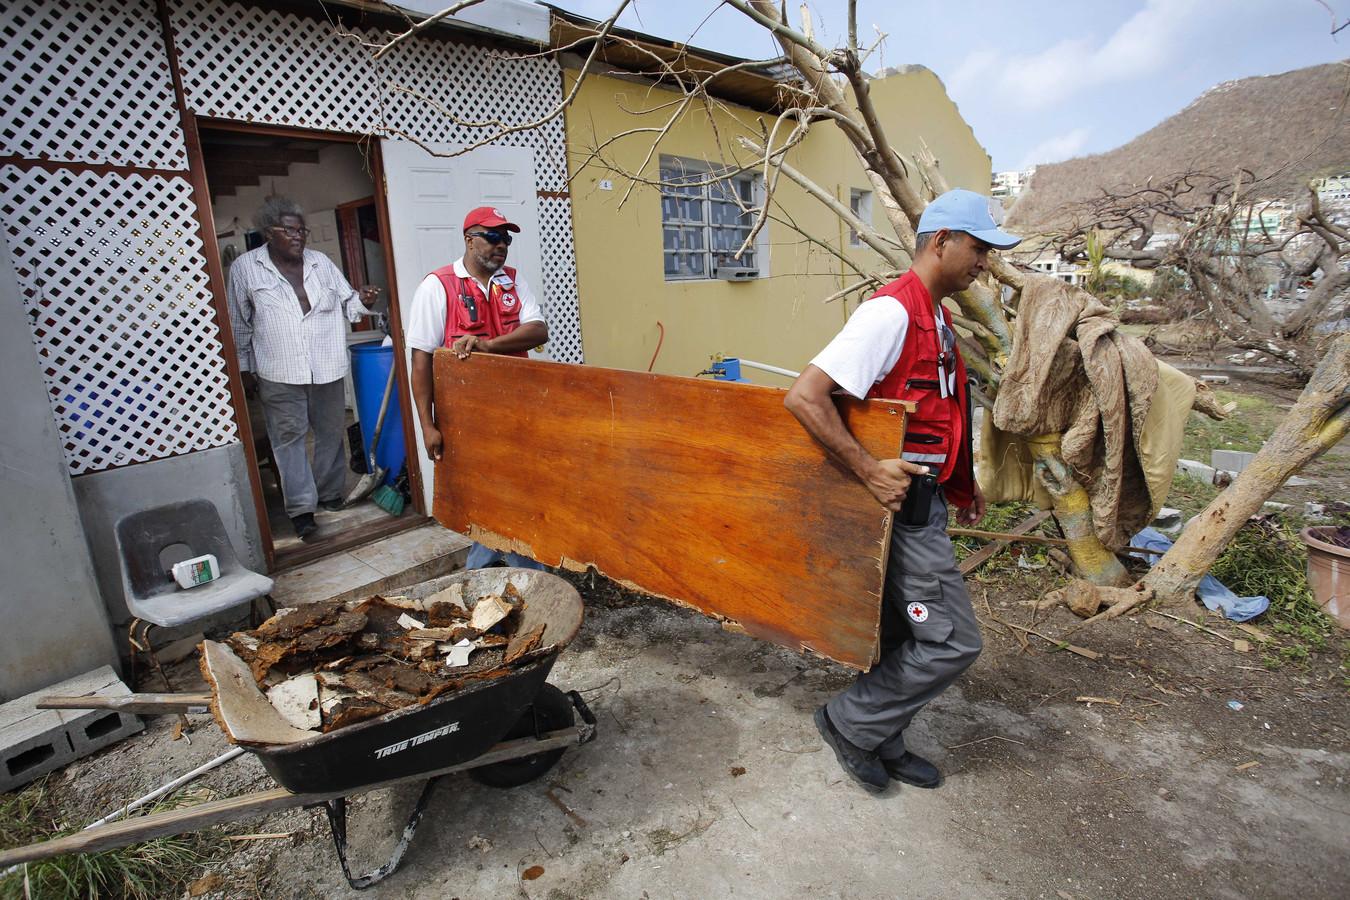 Schade op het eiland waar veel huizen zijn beschadigd of verwoest door orkaan Irma. 91 procent van de huizen heeft schade, een derde van de huizen is totaal verwoest.